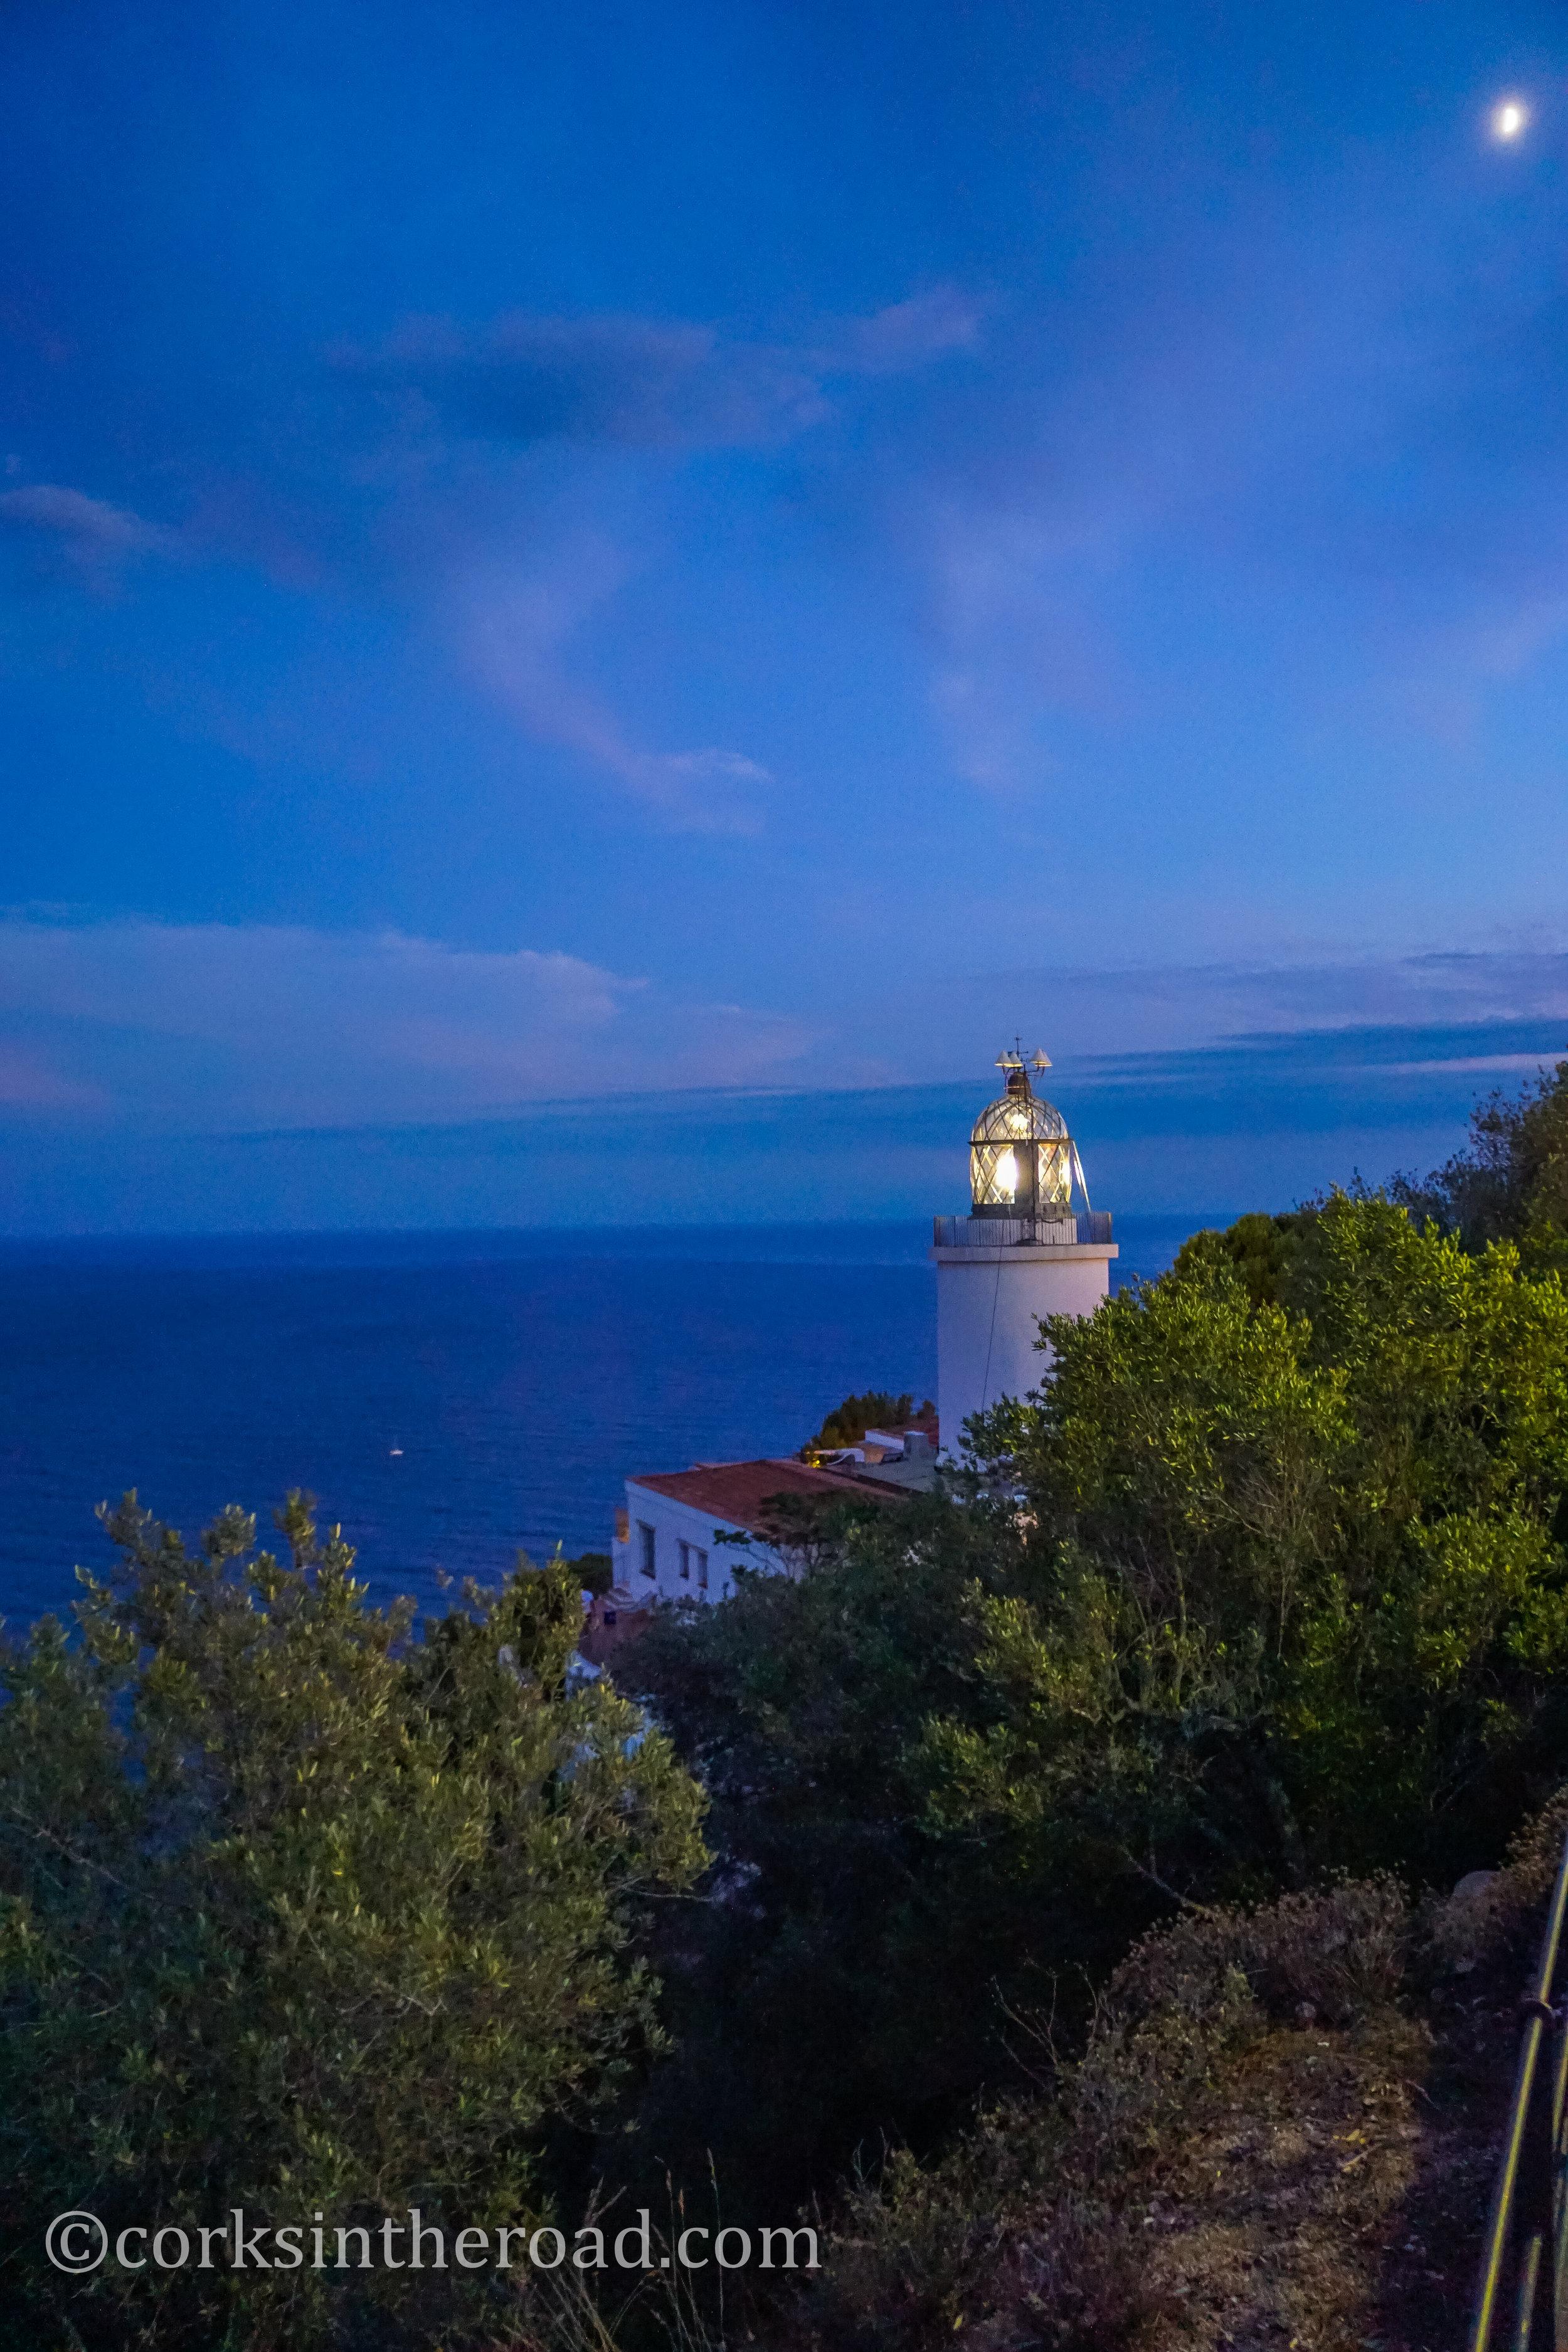 20160810Barcelona, Corksintheroad, Costa Brava, Costa Brava Landscape, Restaurant El Far, Sunsets-5.jpg